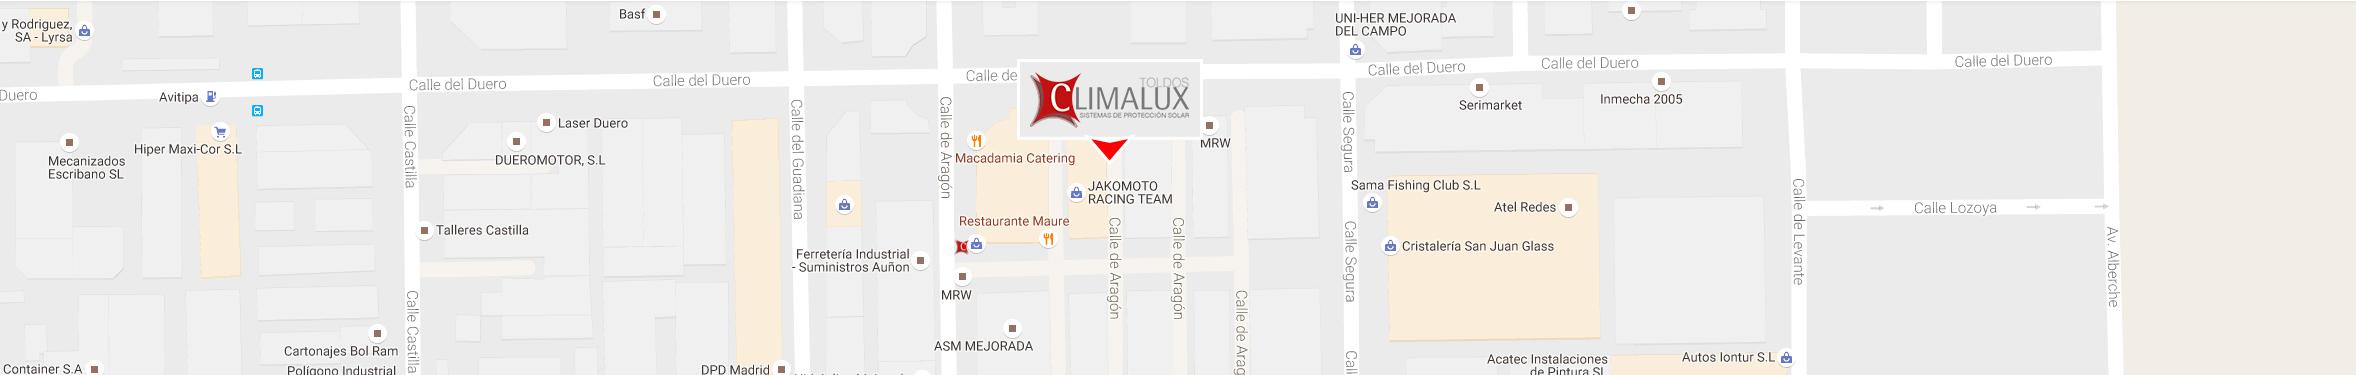 Contacto toldos climalux rivas vaciamadrid for Oficina de correos rivas vaciamadrid